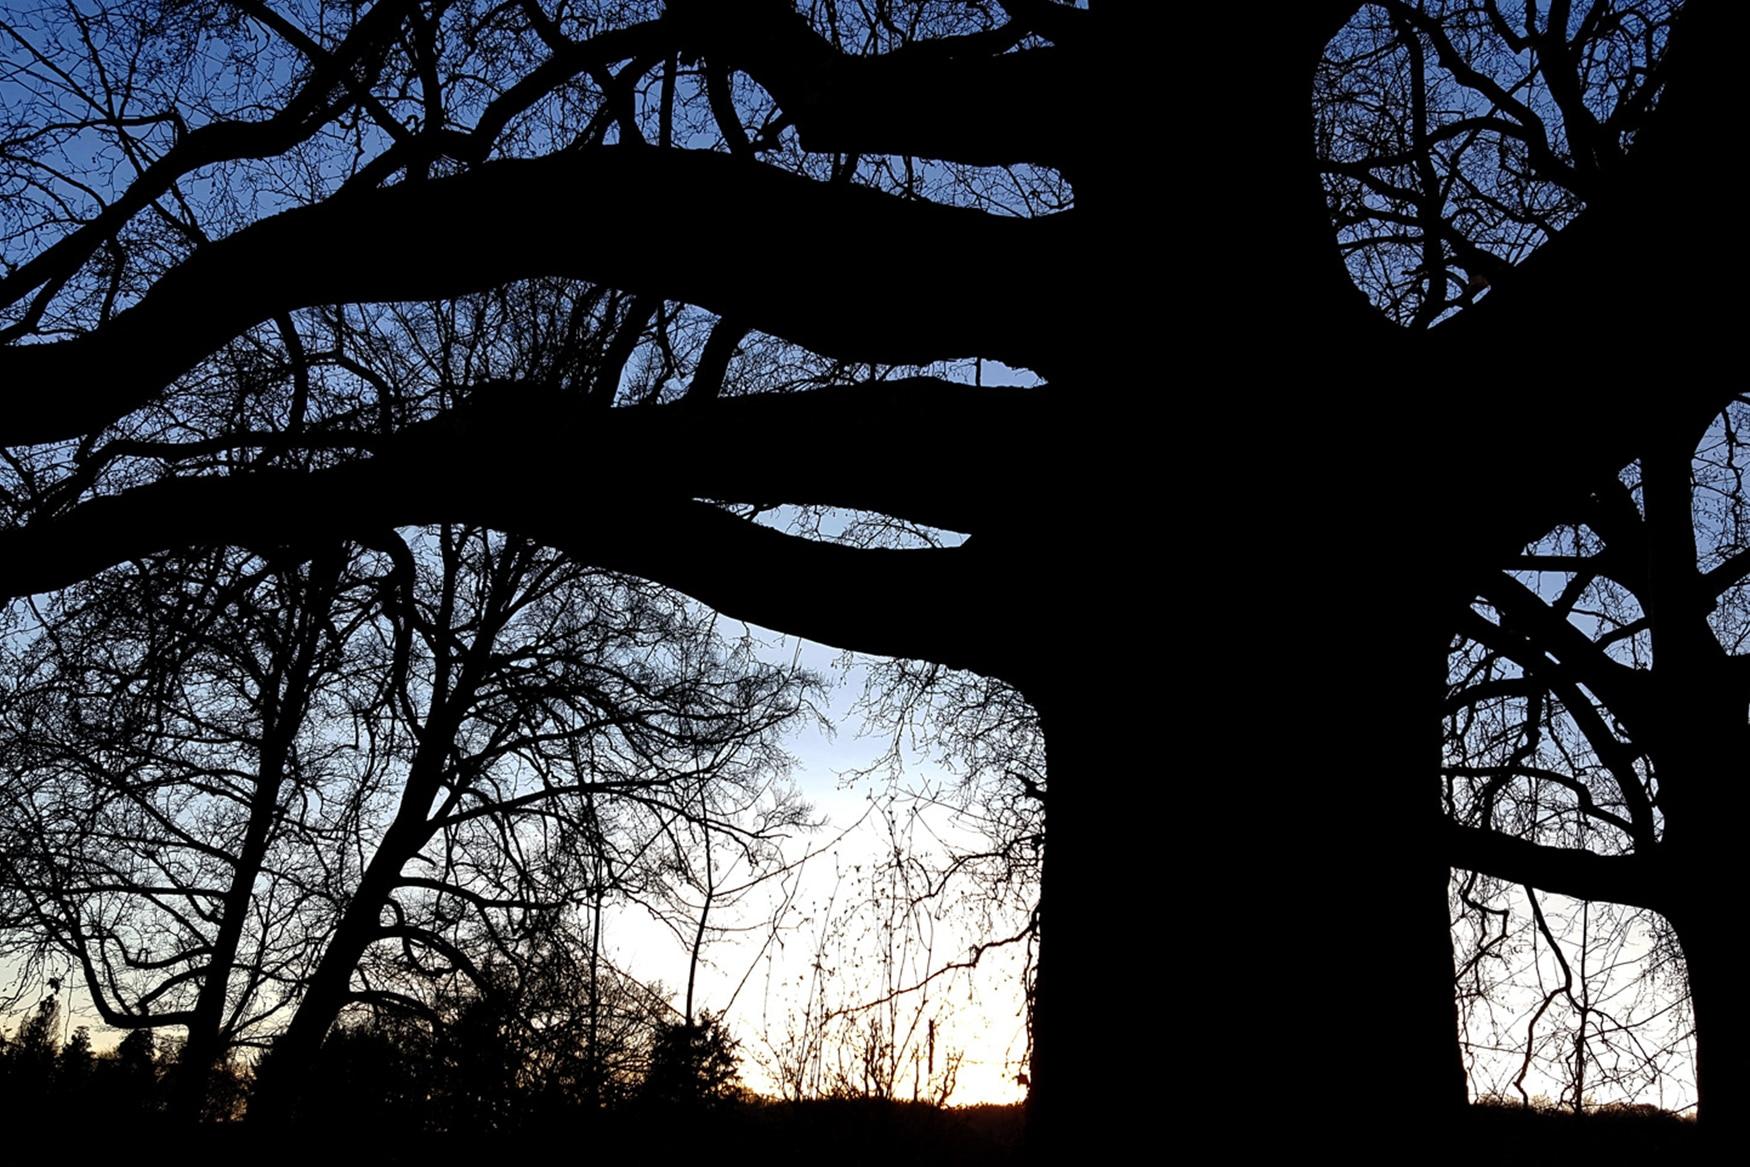 Haubanage et sécurisation des arbres remarquables